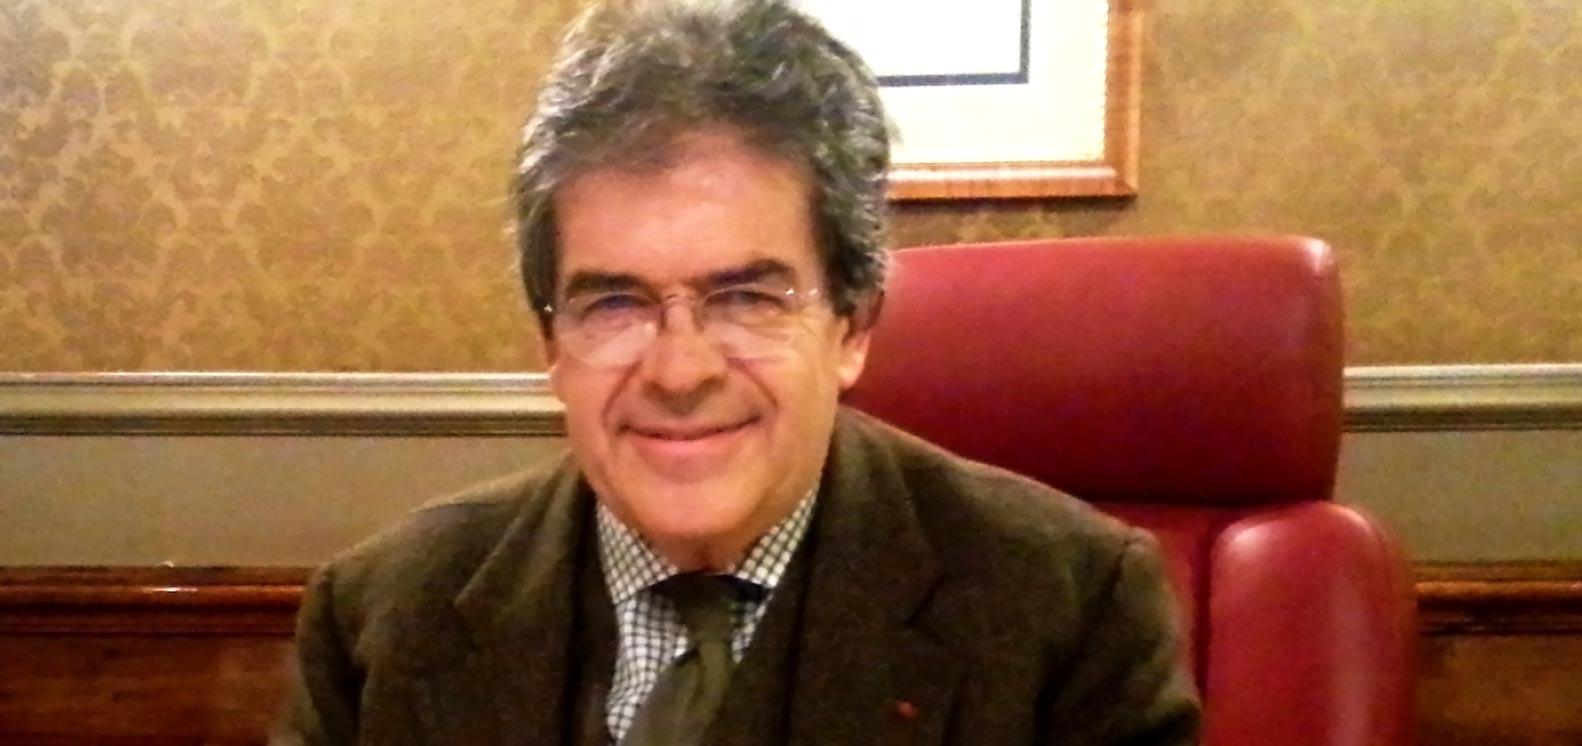 Proiettili a Presidente Catania. Il sindaco Bianco telefona a Pulvirenti